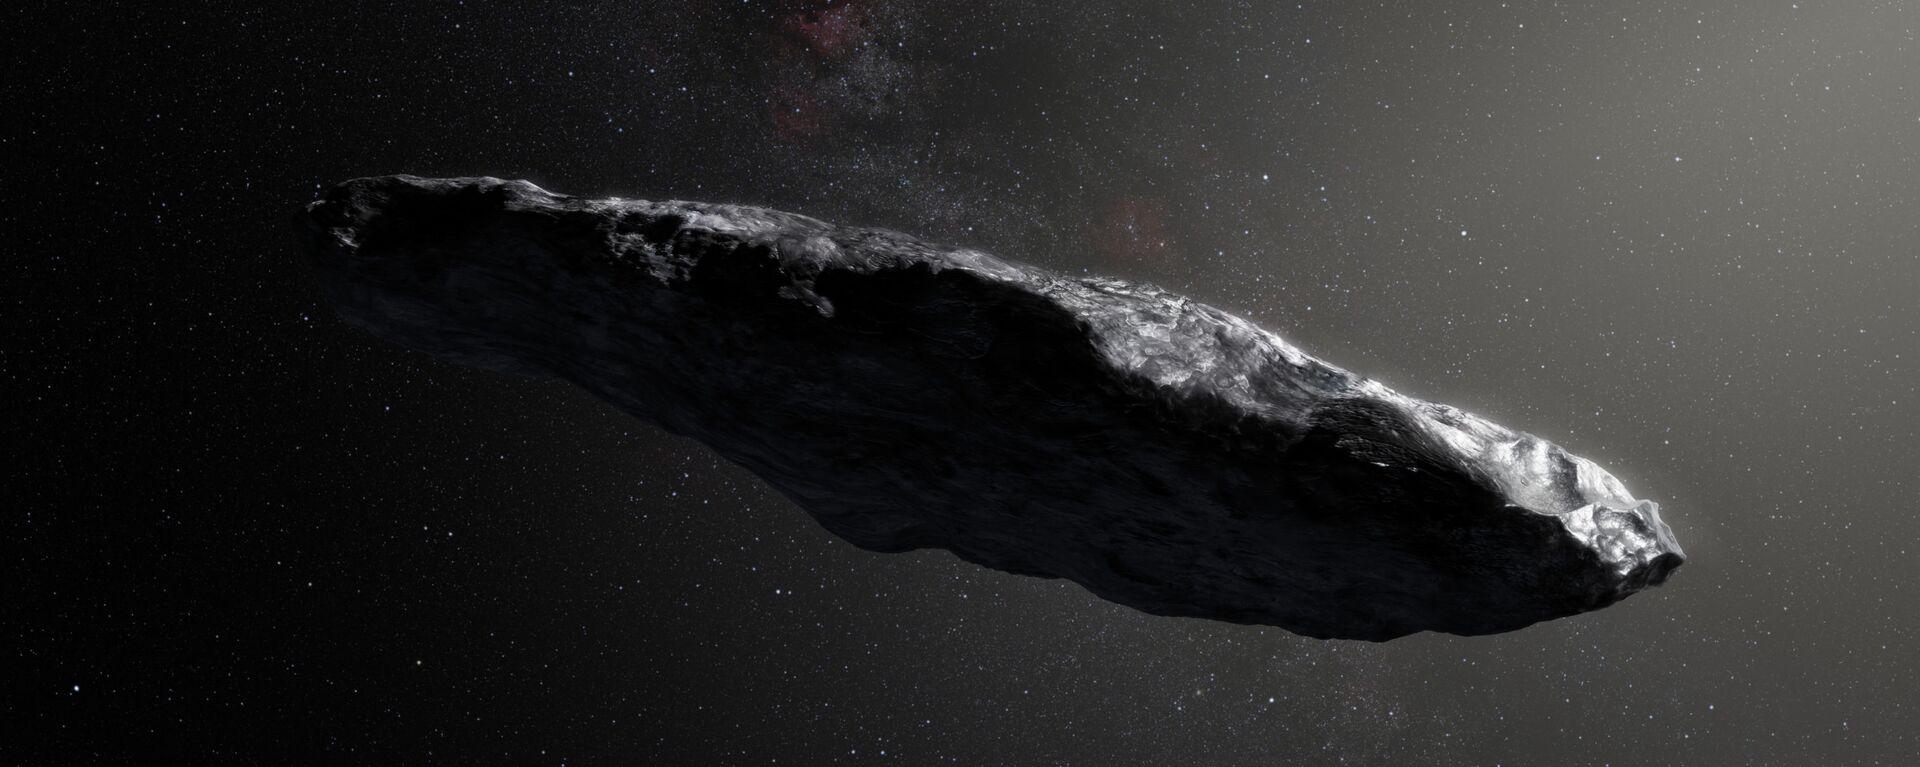 Umělecká podoba planetky Oumuamua - Sputnik Česká republika, 1920, 18.03.2021